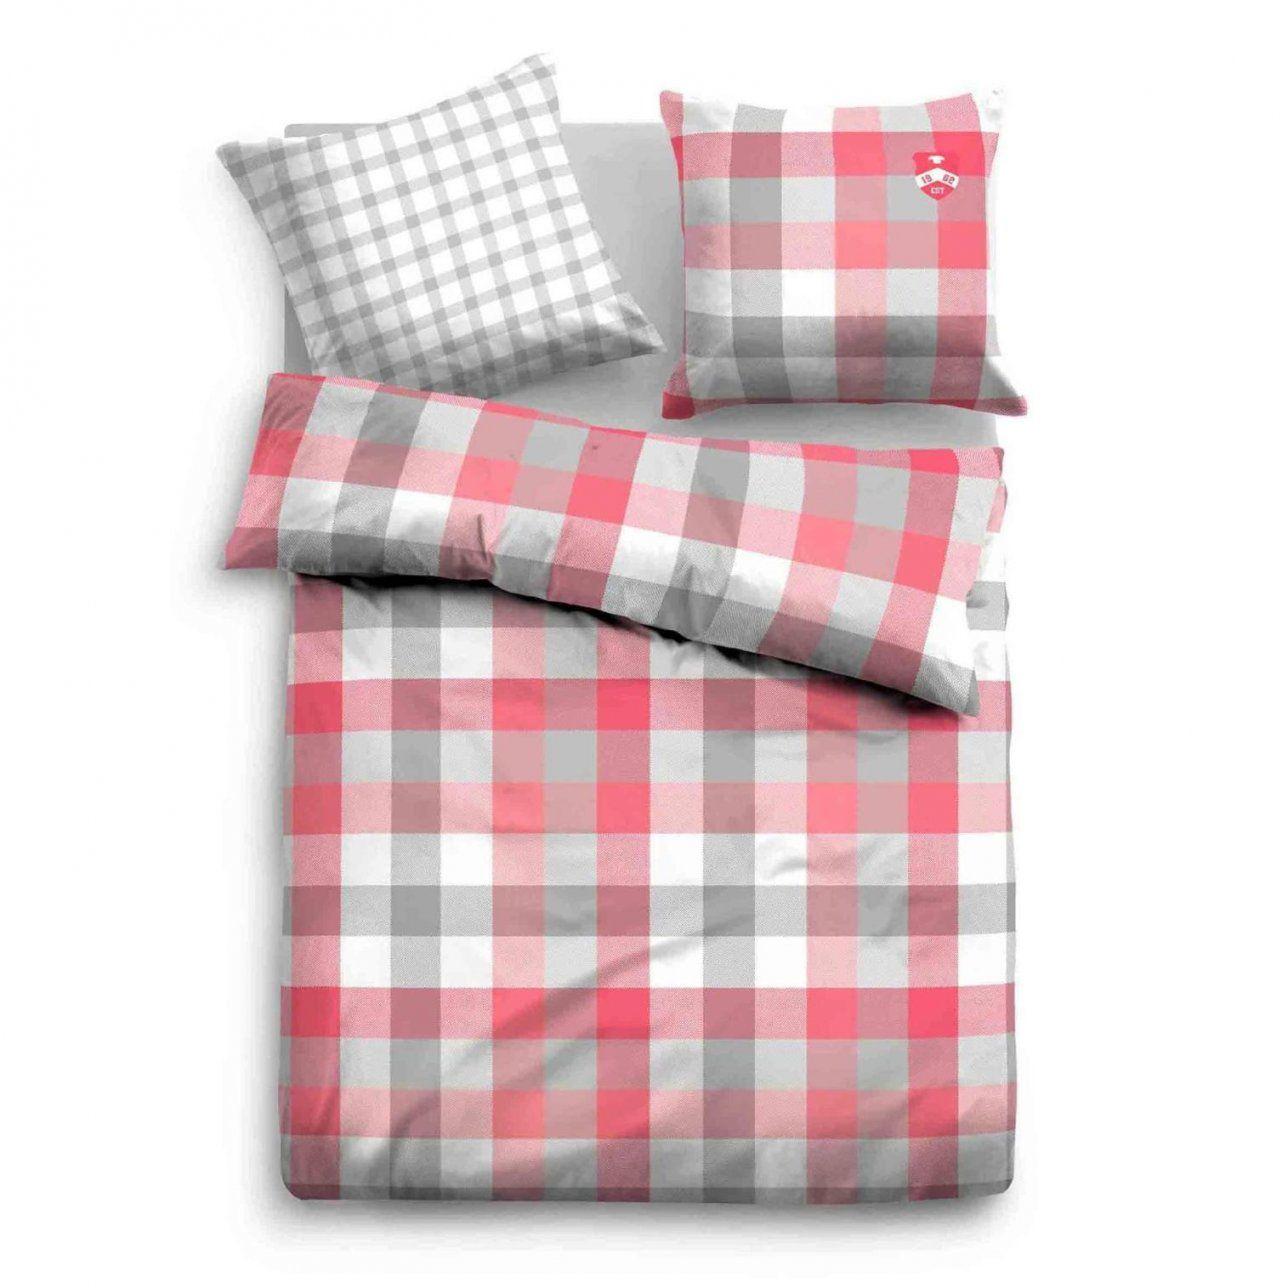 Tom Tailor Bettwäscheset In Farbe Rosa Karo Um 60% Reduziert Online von Tom Tailor Bettwäsche Reduziert Photo